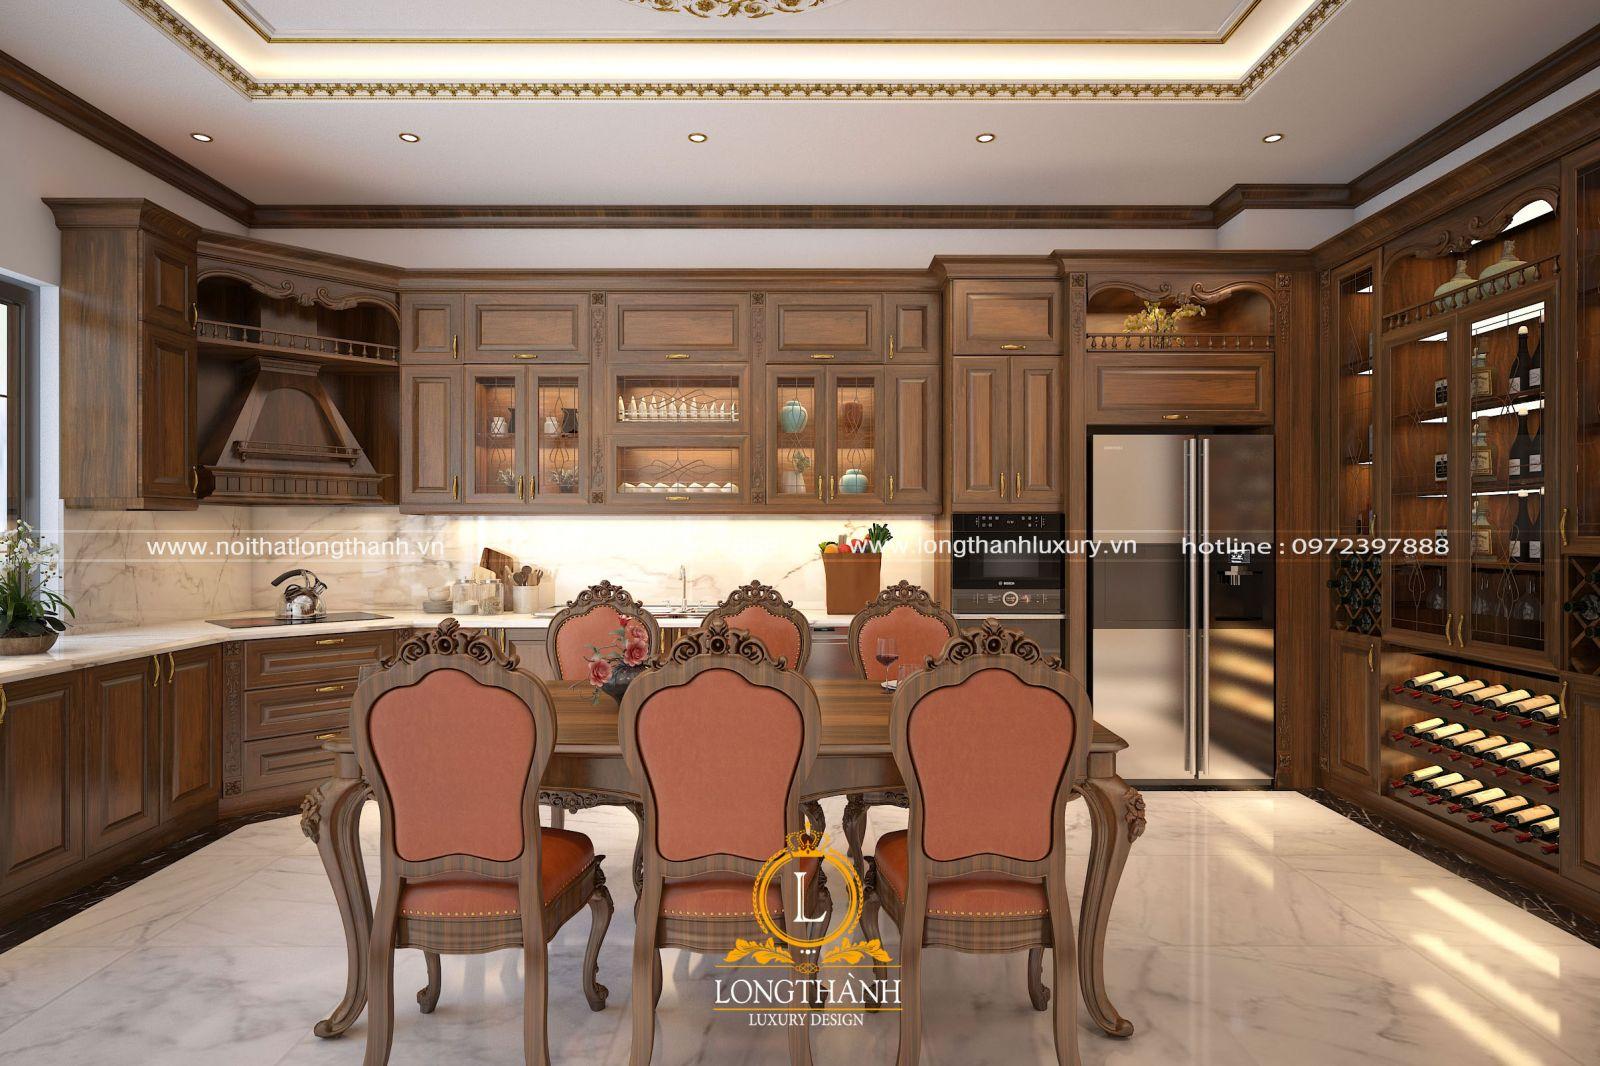 Không gian nhà bếp được thiết kế và bố trí công năng khoa học